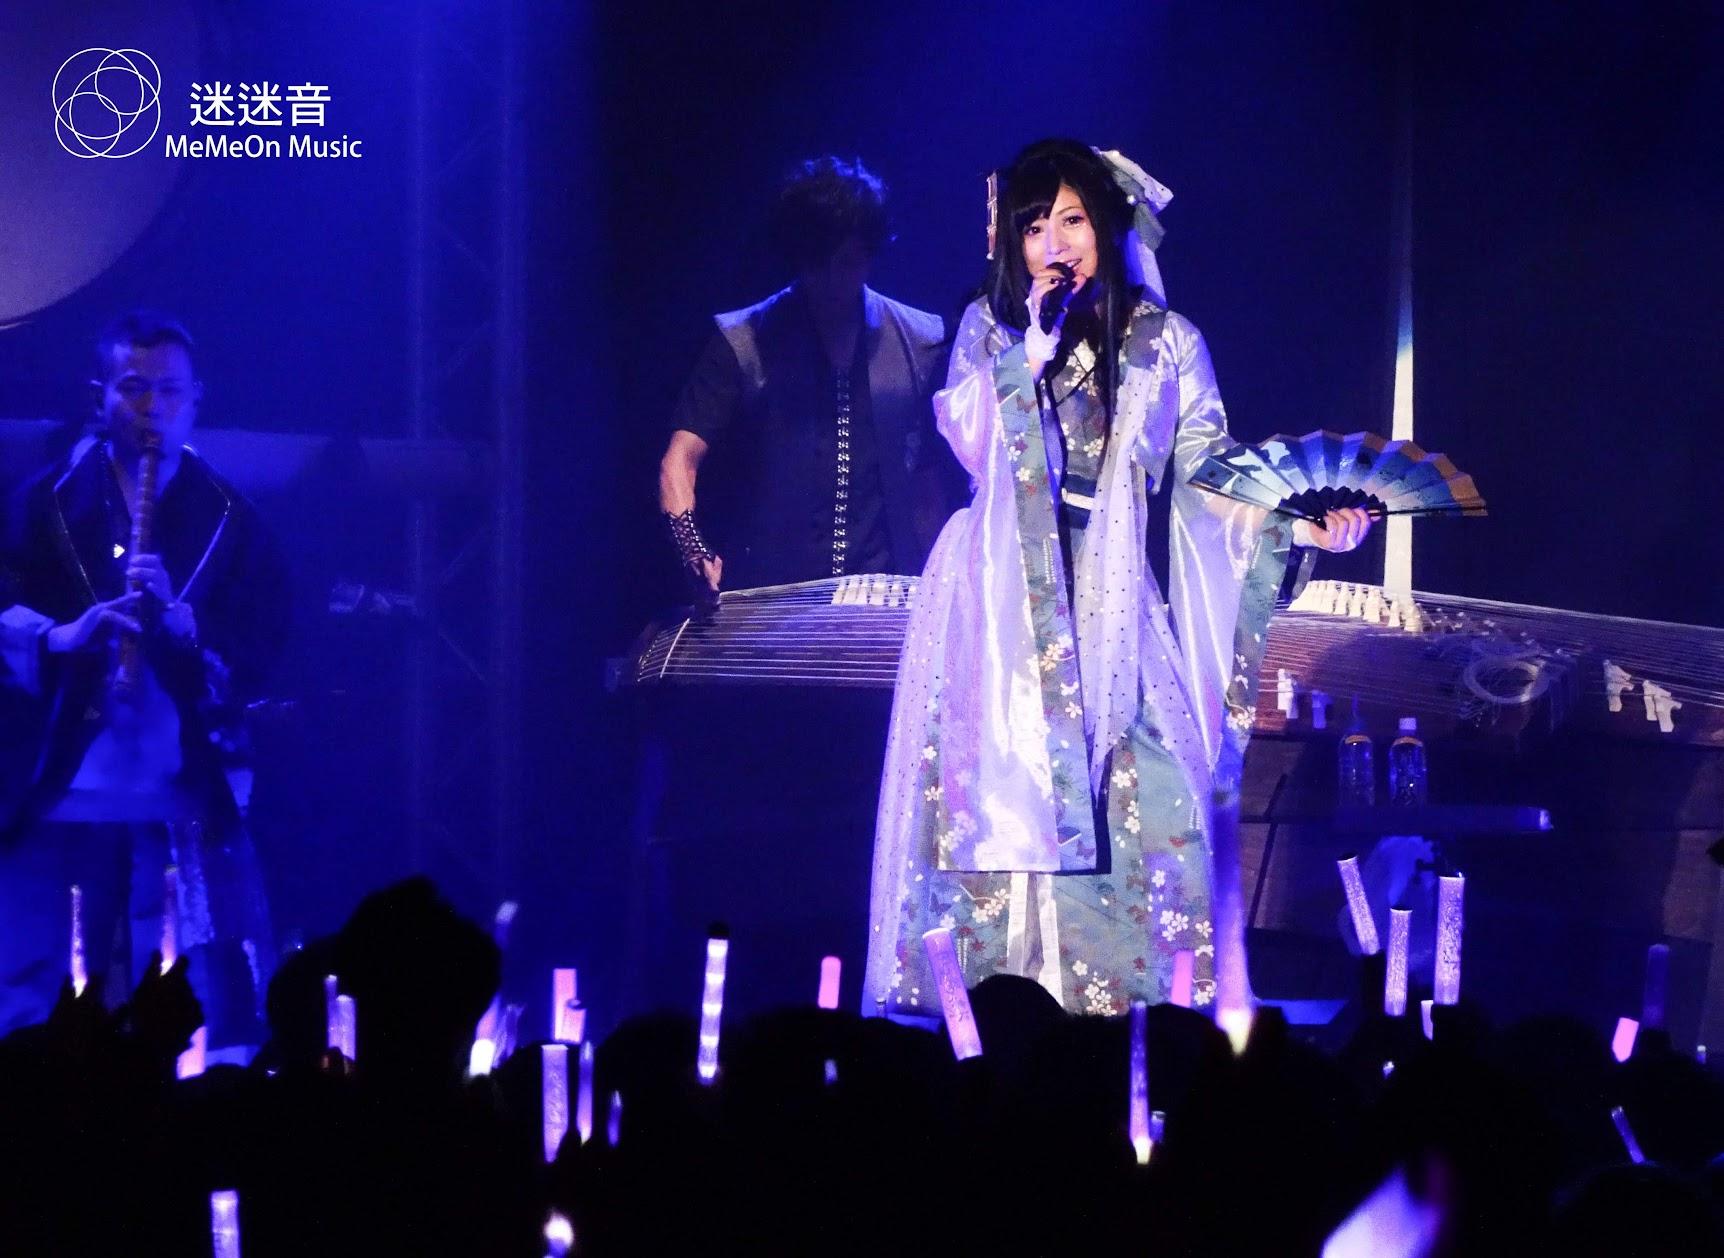 【迷迷現場】詳細報導 和樂器樂團三度攻台 翻唱送台灣